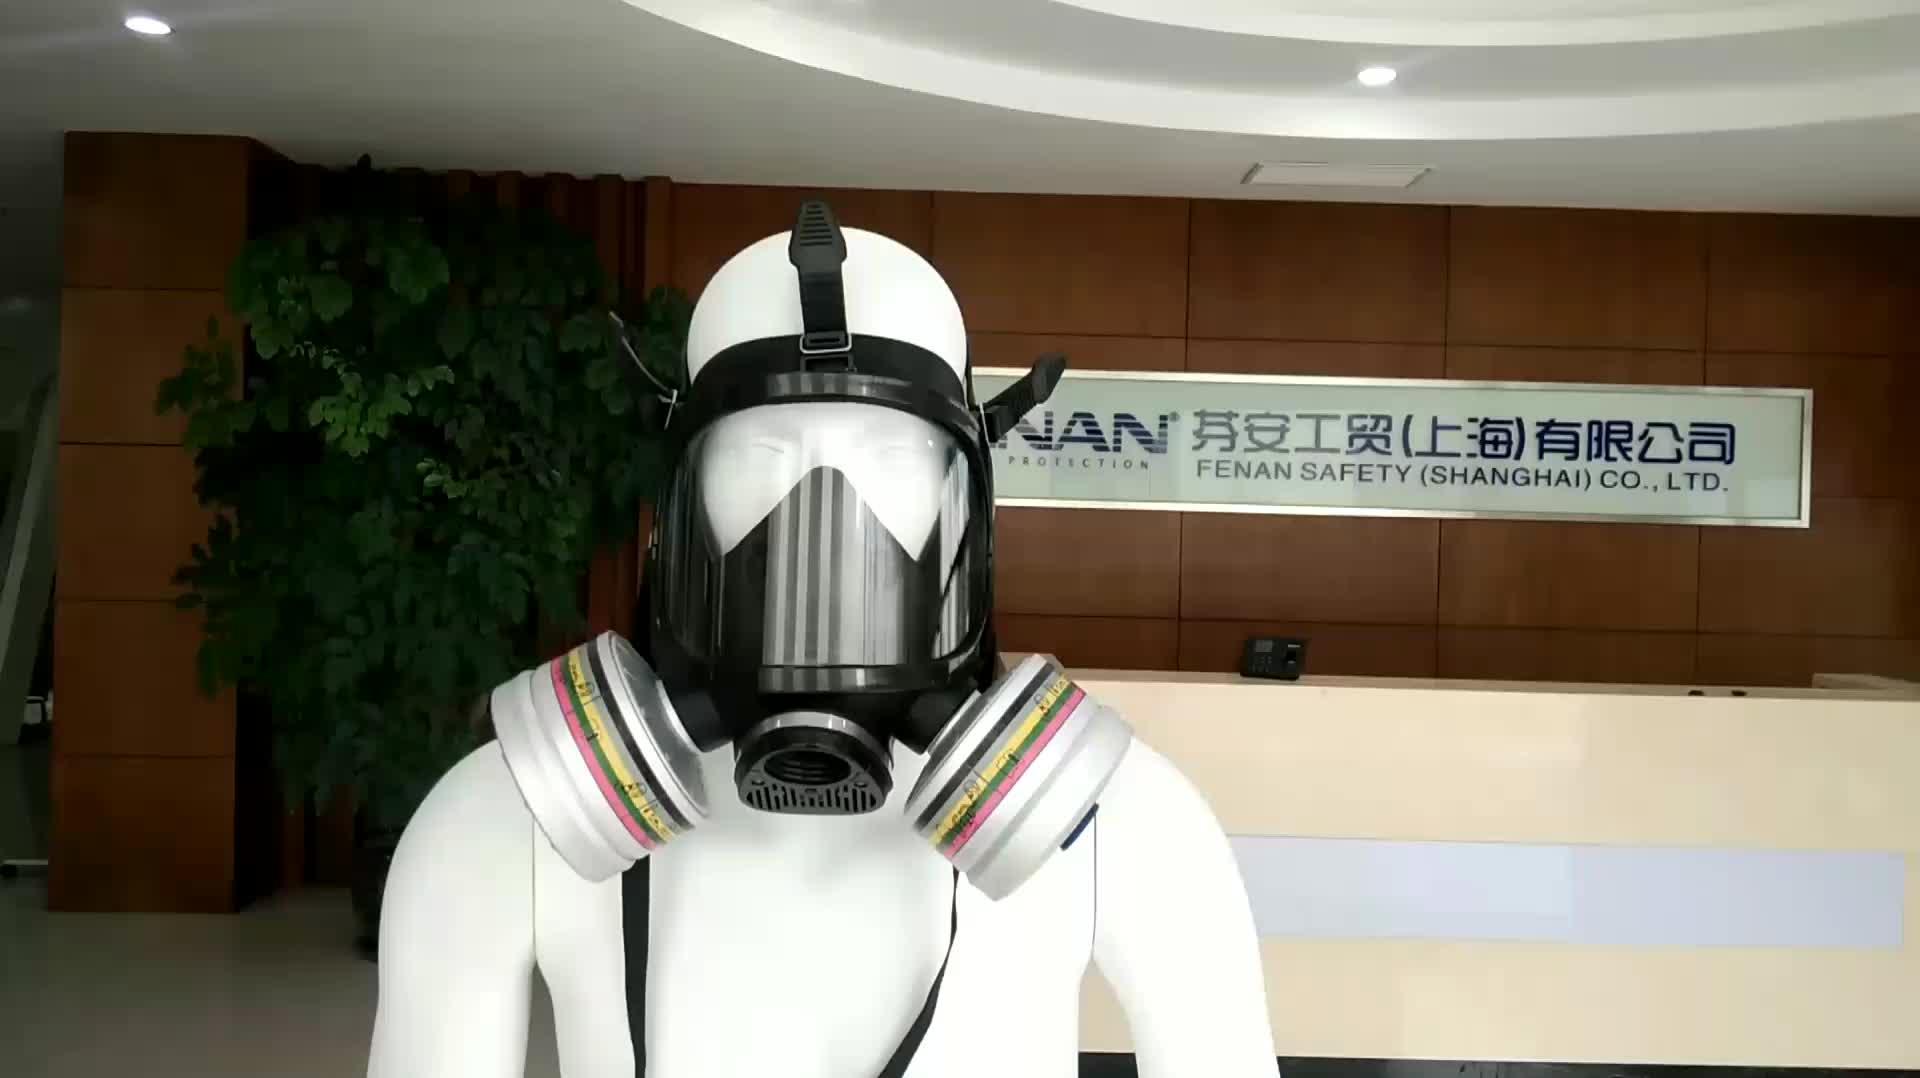 EN136 Química Padrão Cara Cheia Máscara De Gás Militar com Um Único Filtro De Carvão Ativado